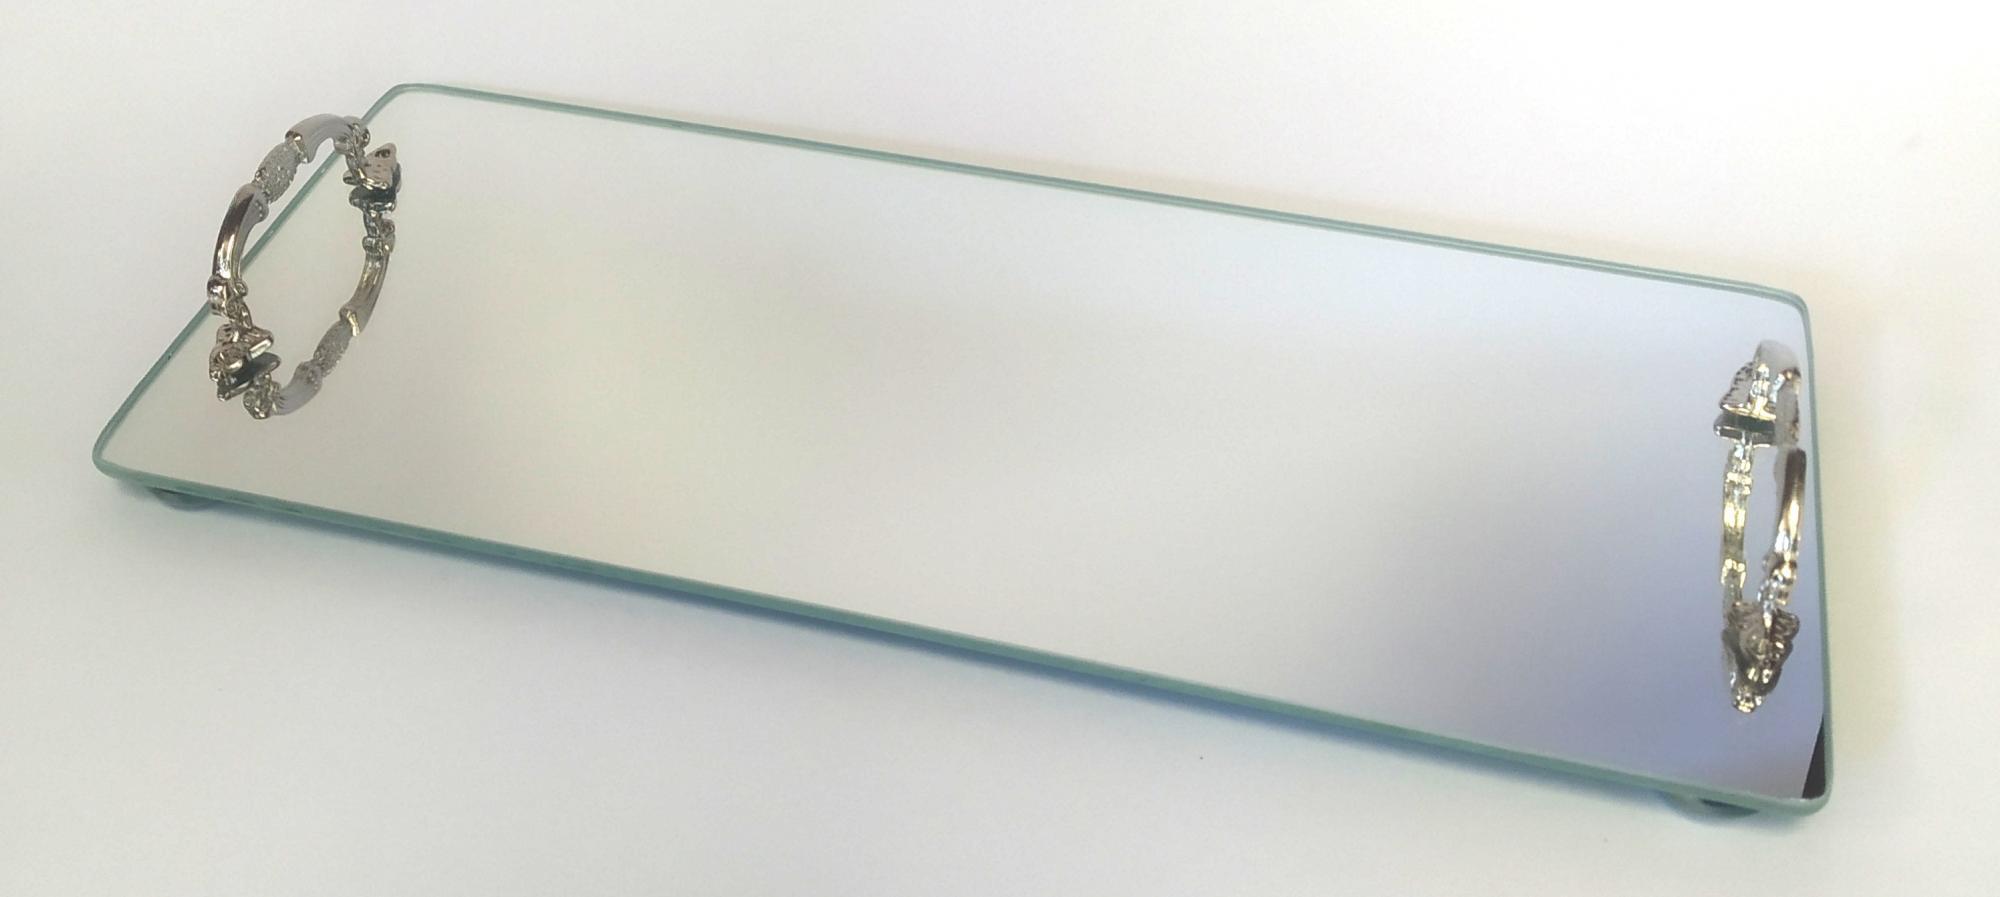 Base com Alça Metálica Espelhada M